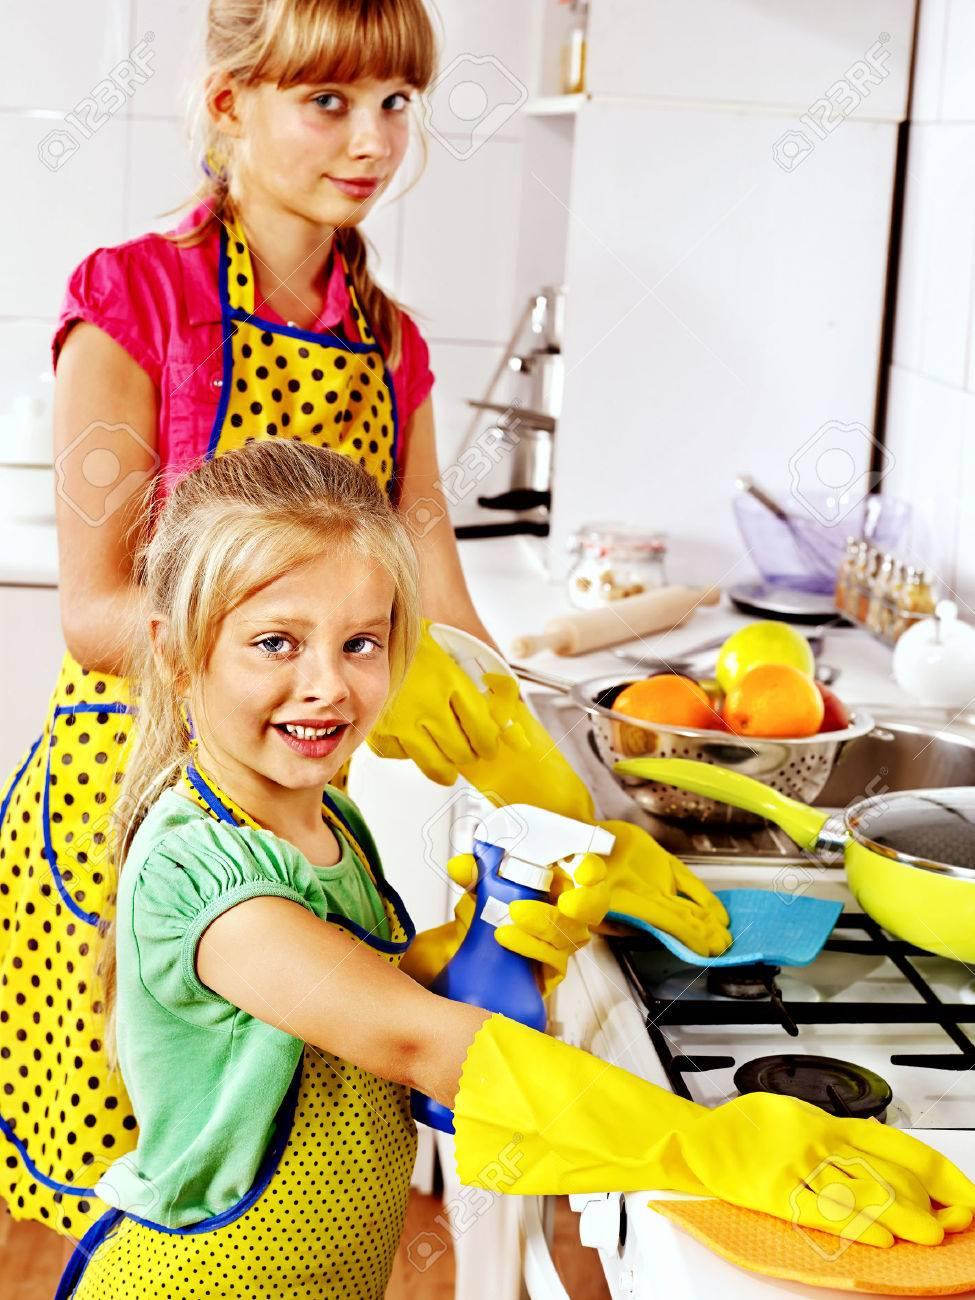 Children cleaning kitchen. Housekeeping. - 25073940